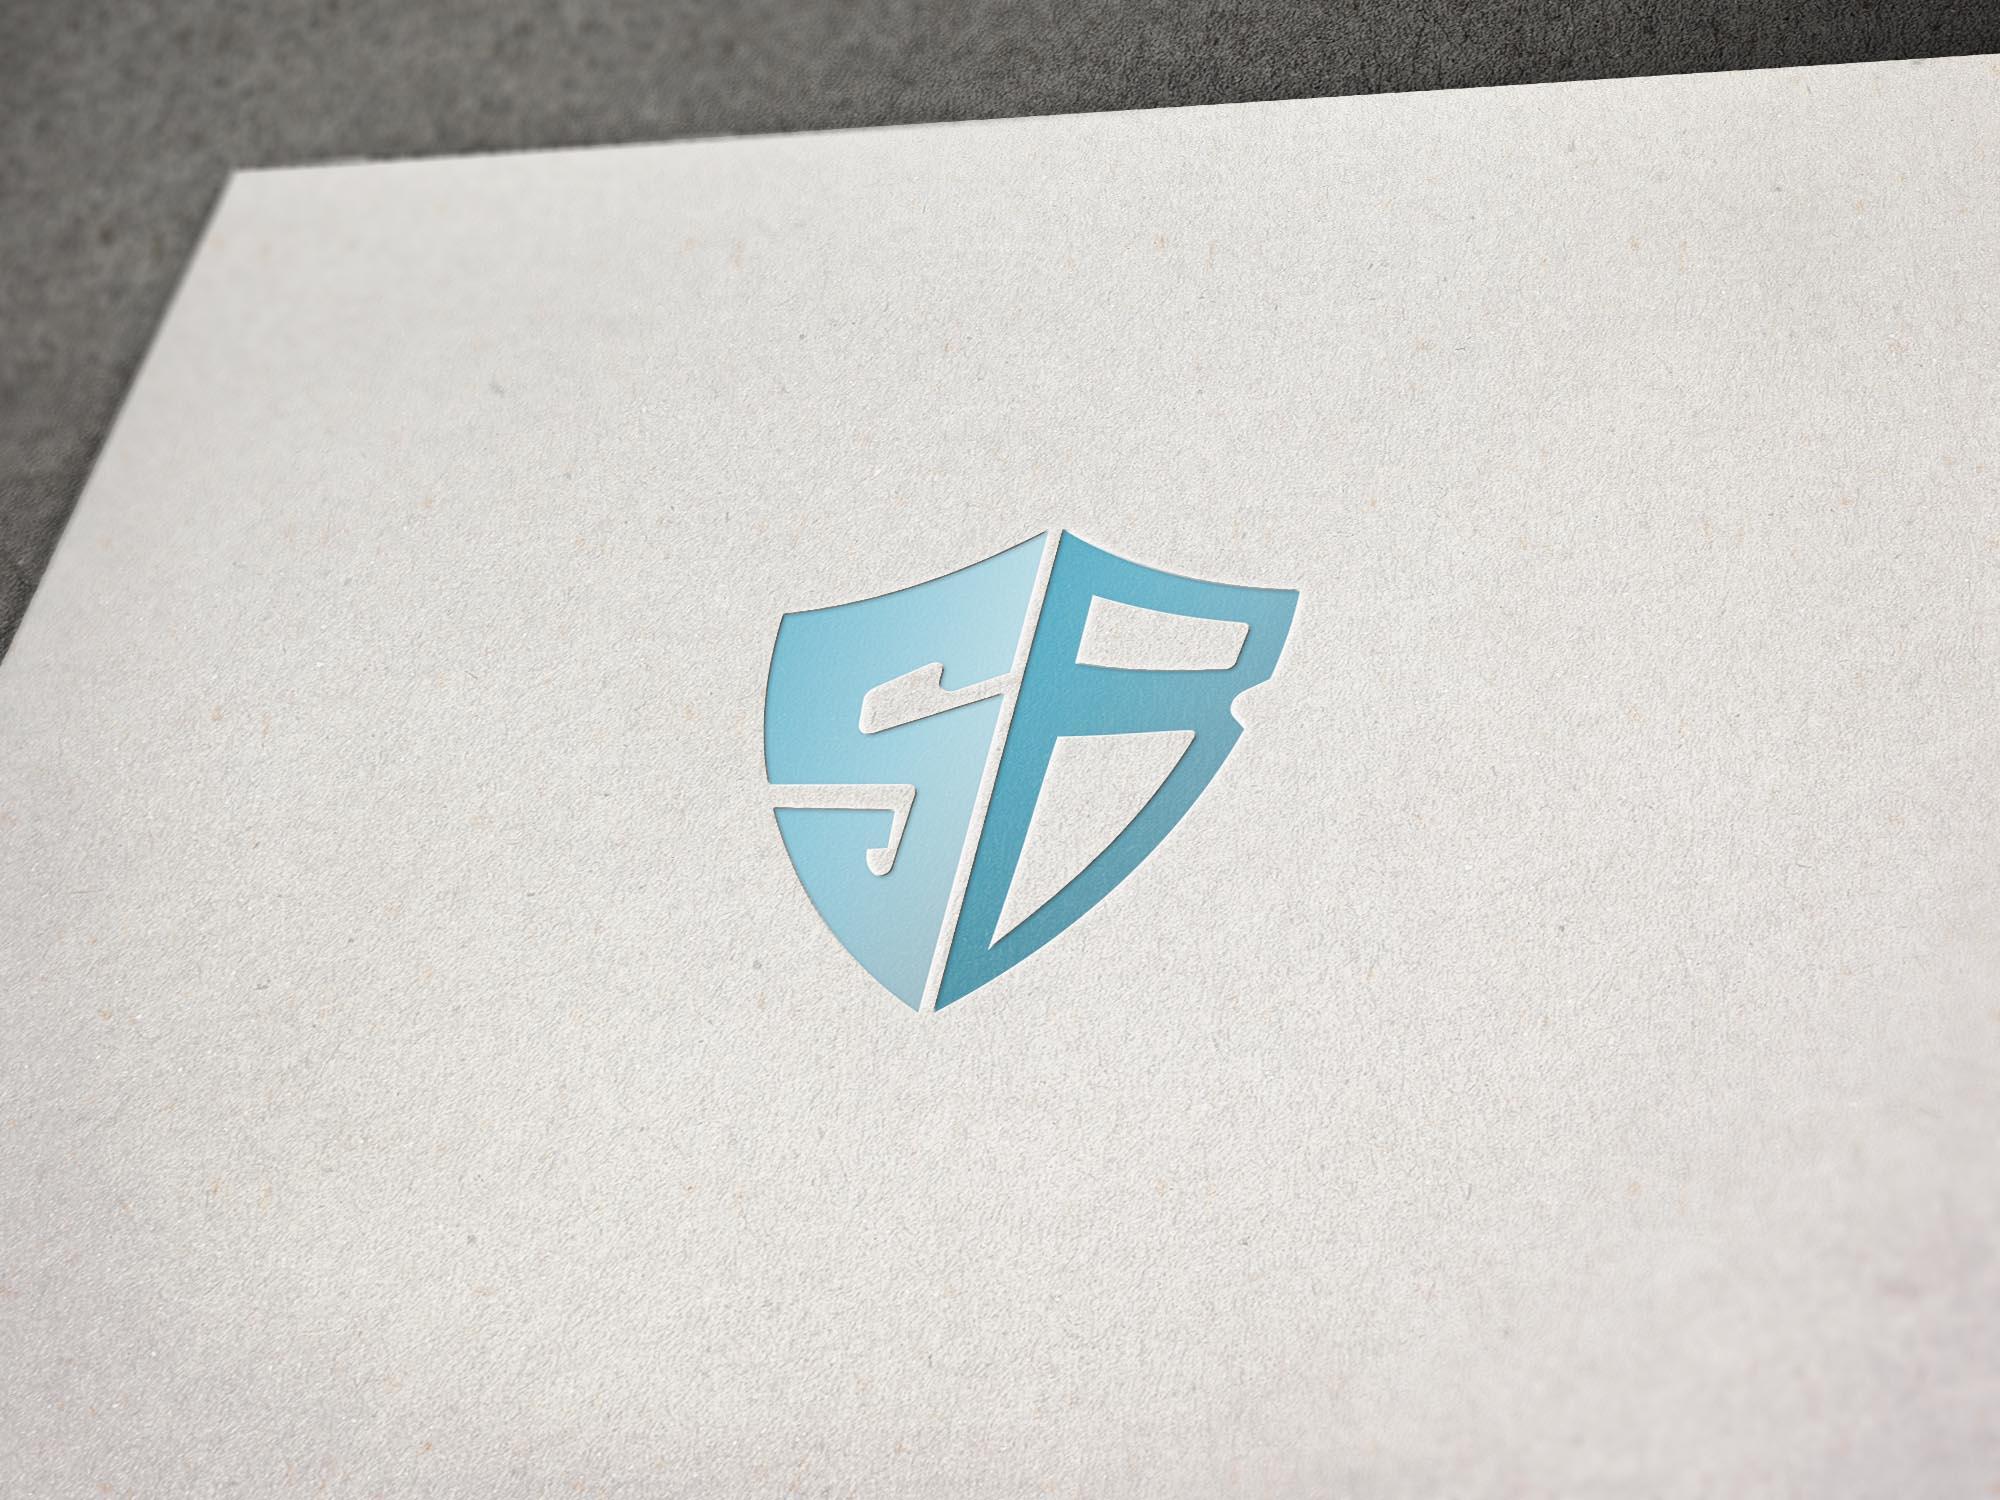 Логотип + Визитка Портала безопасных сделок фото f_665535ee8cc92da1.jpg